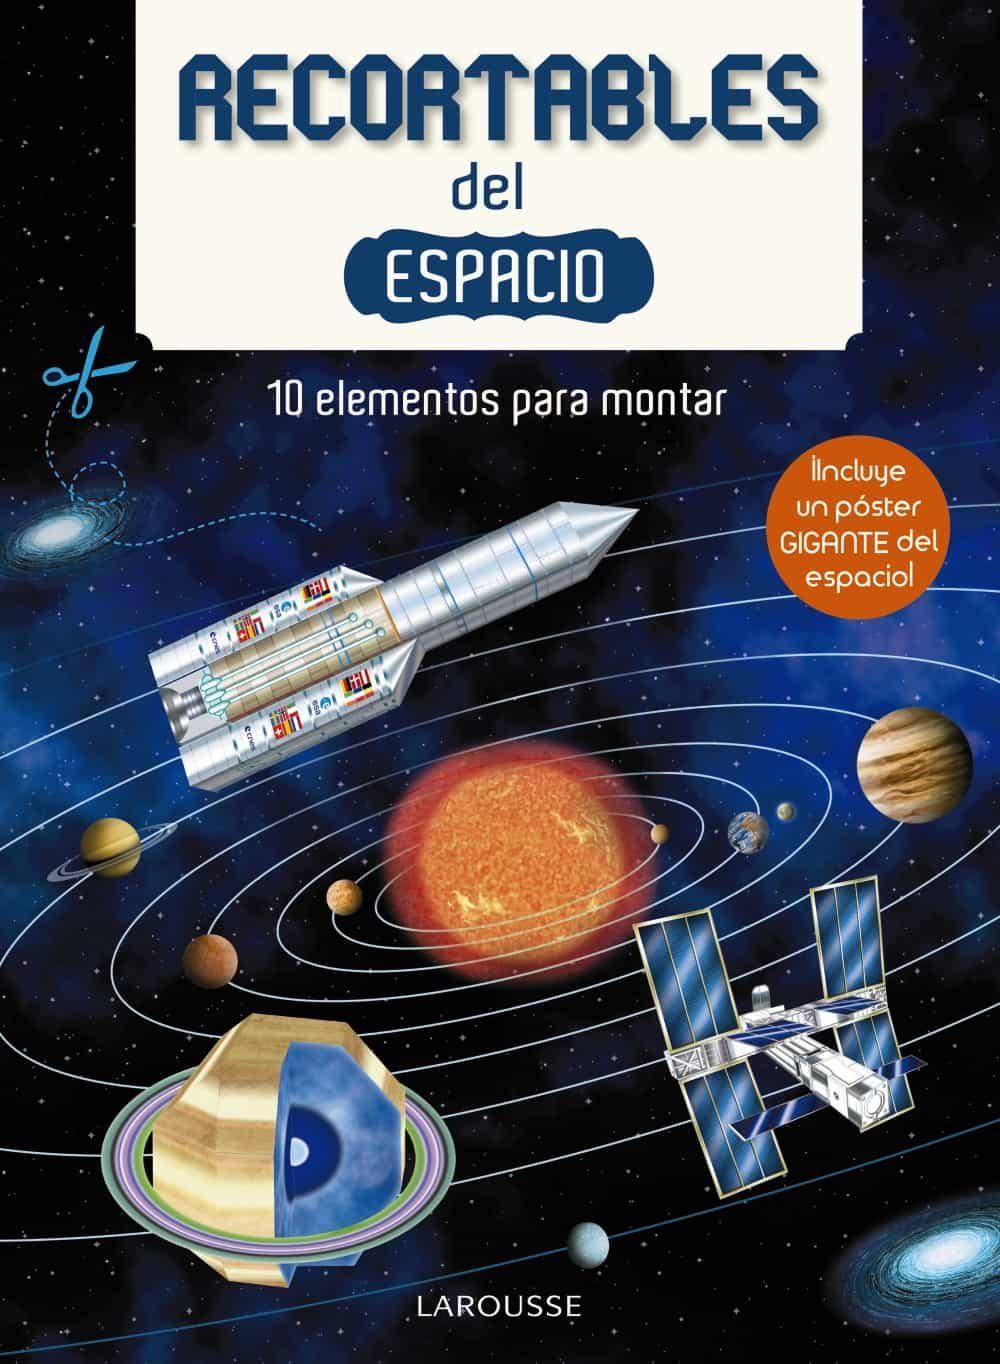 Recortables Del Espacio - Vv.aa.